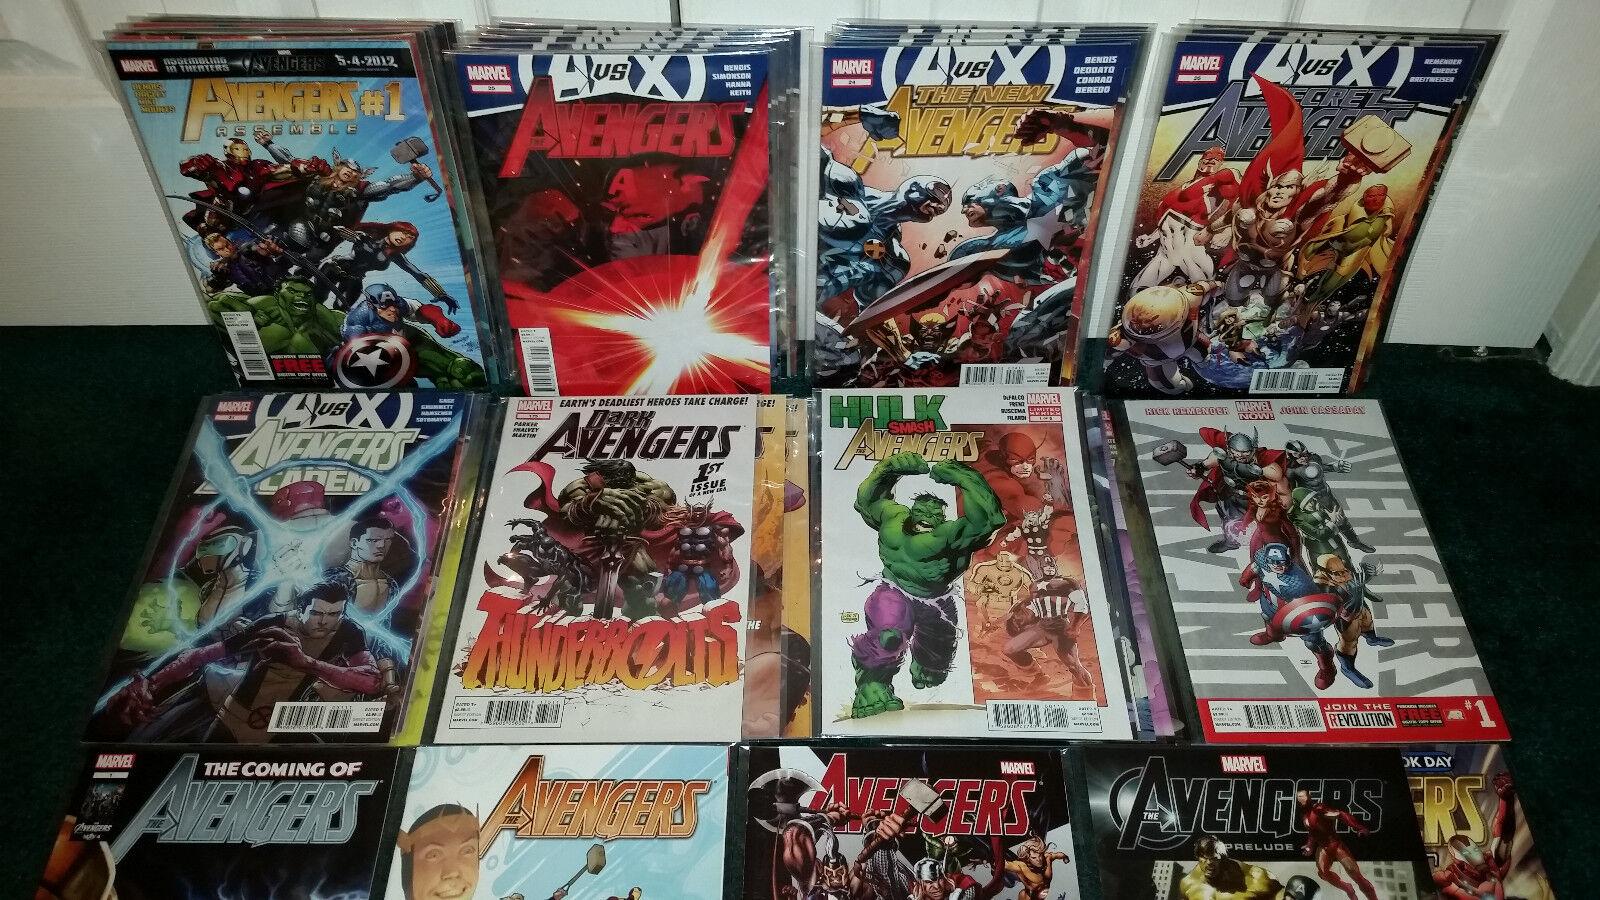 Avengers AVX Tie-Ins Avengers Assemble Assemble Assemble Uncanny Secret Academy One-Scaliente Hulk + 92d40e